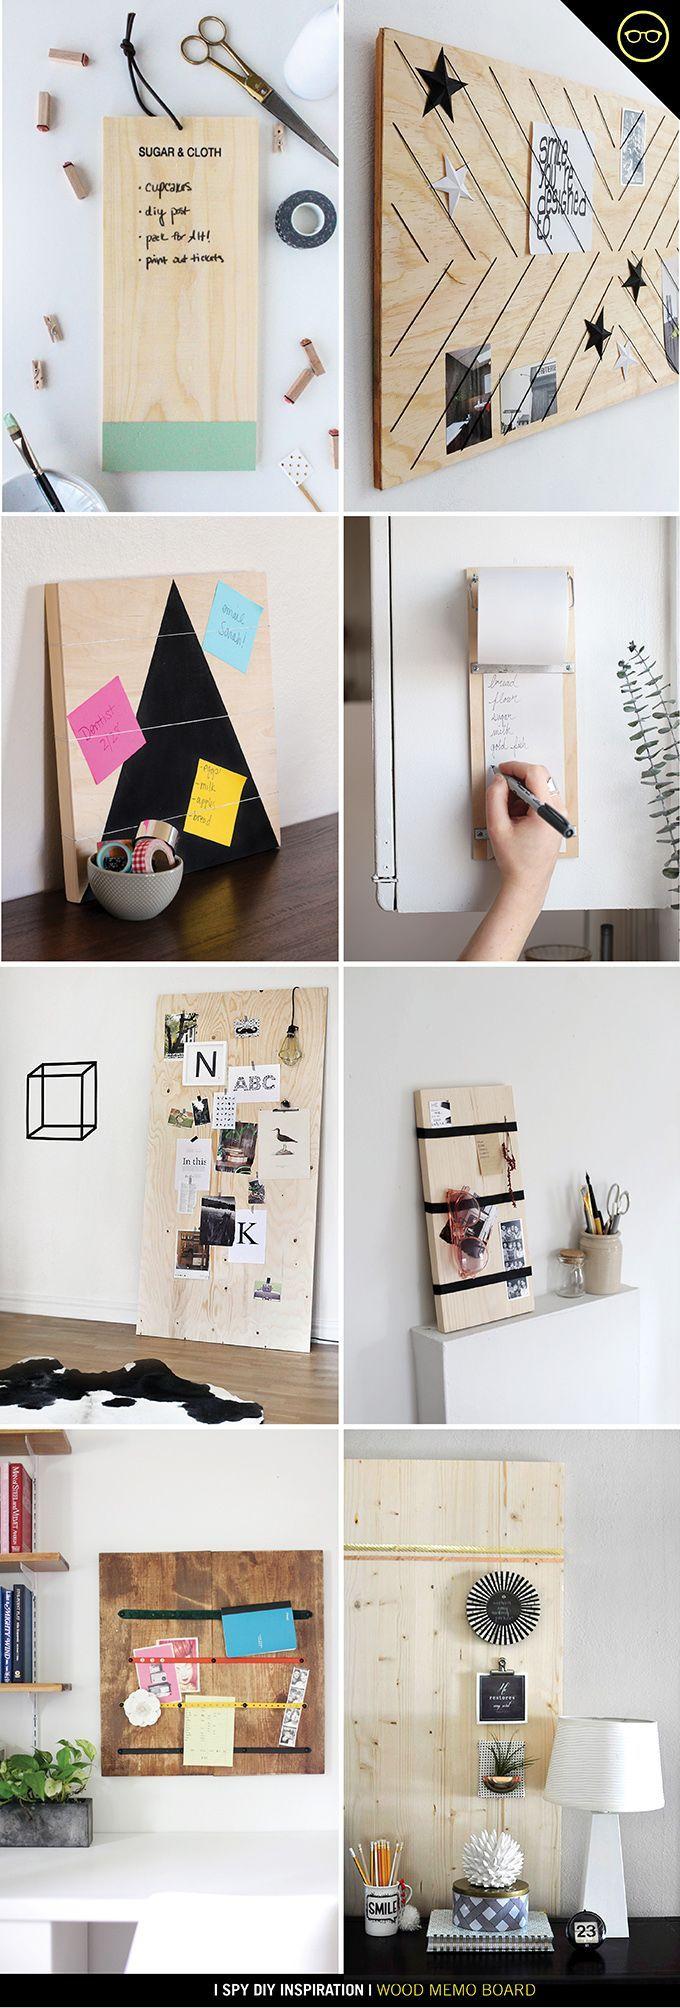 Planche mémo en bois / Wood memo board